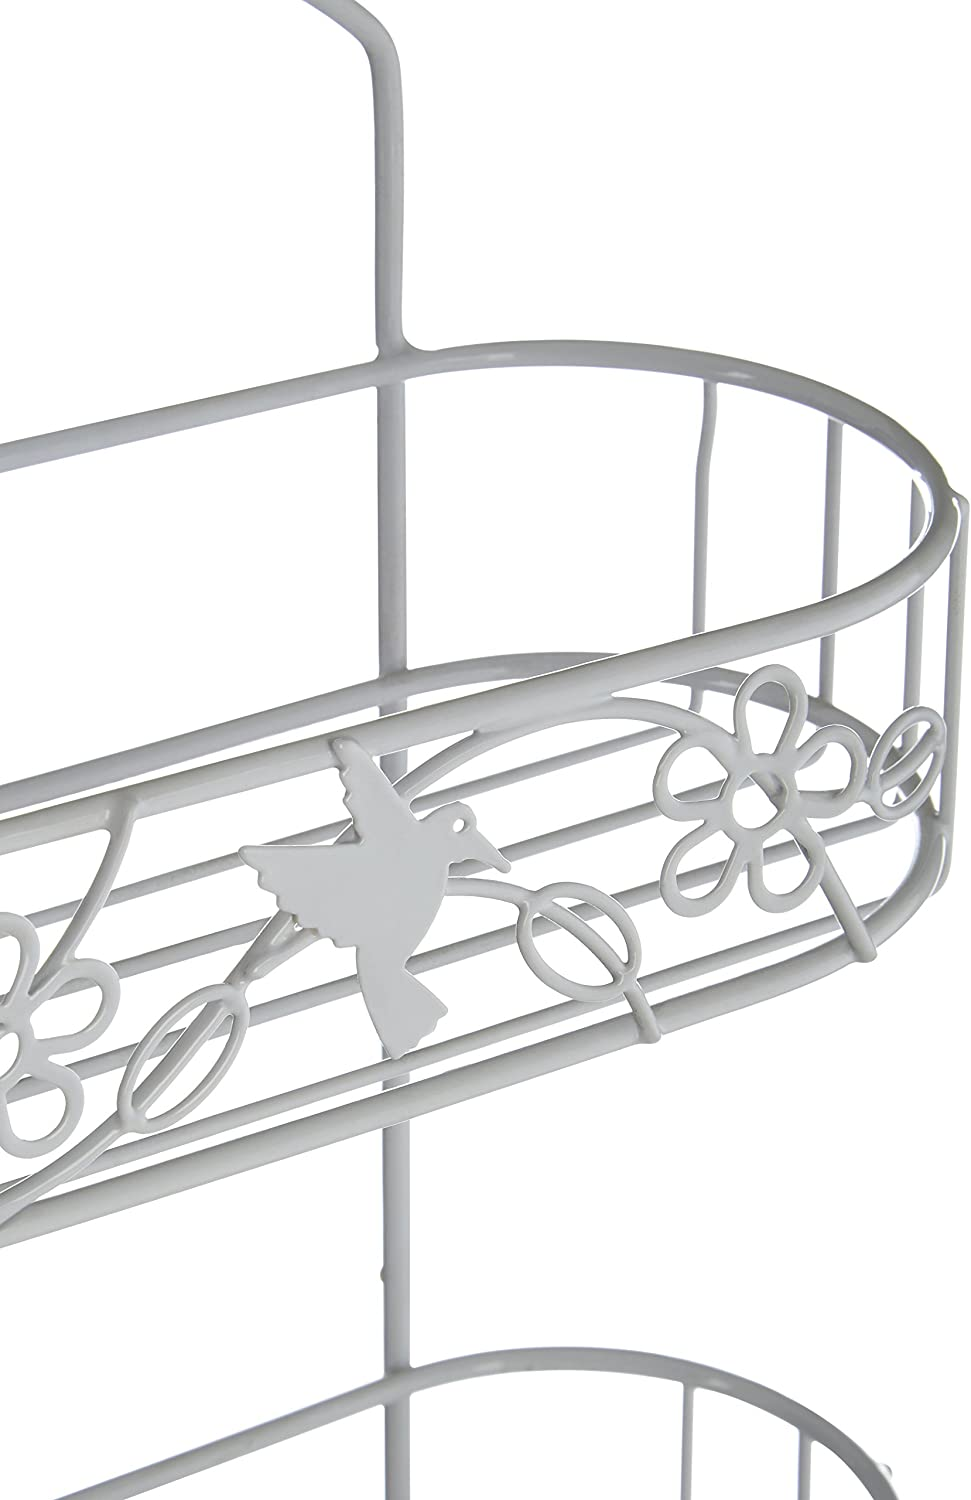 2 Livelli e Portasapone in Metallo Bianco Premier Housewares Portaoggetti da Doccia Paradise